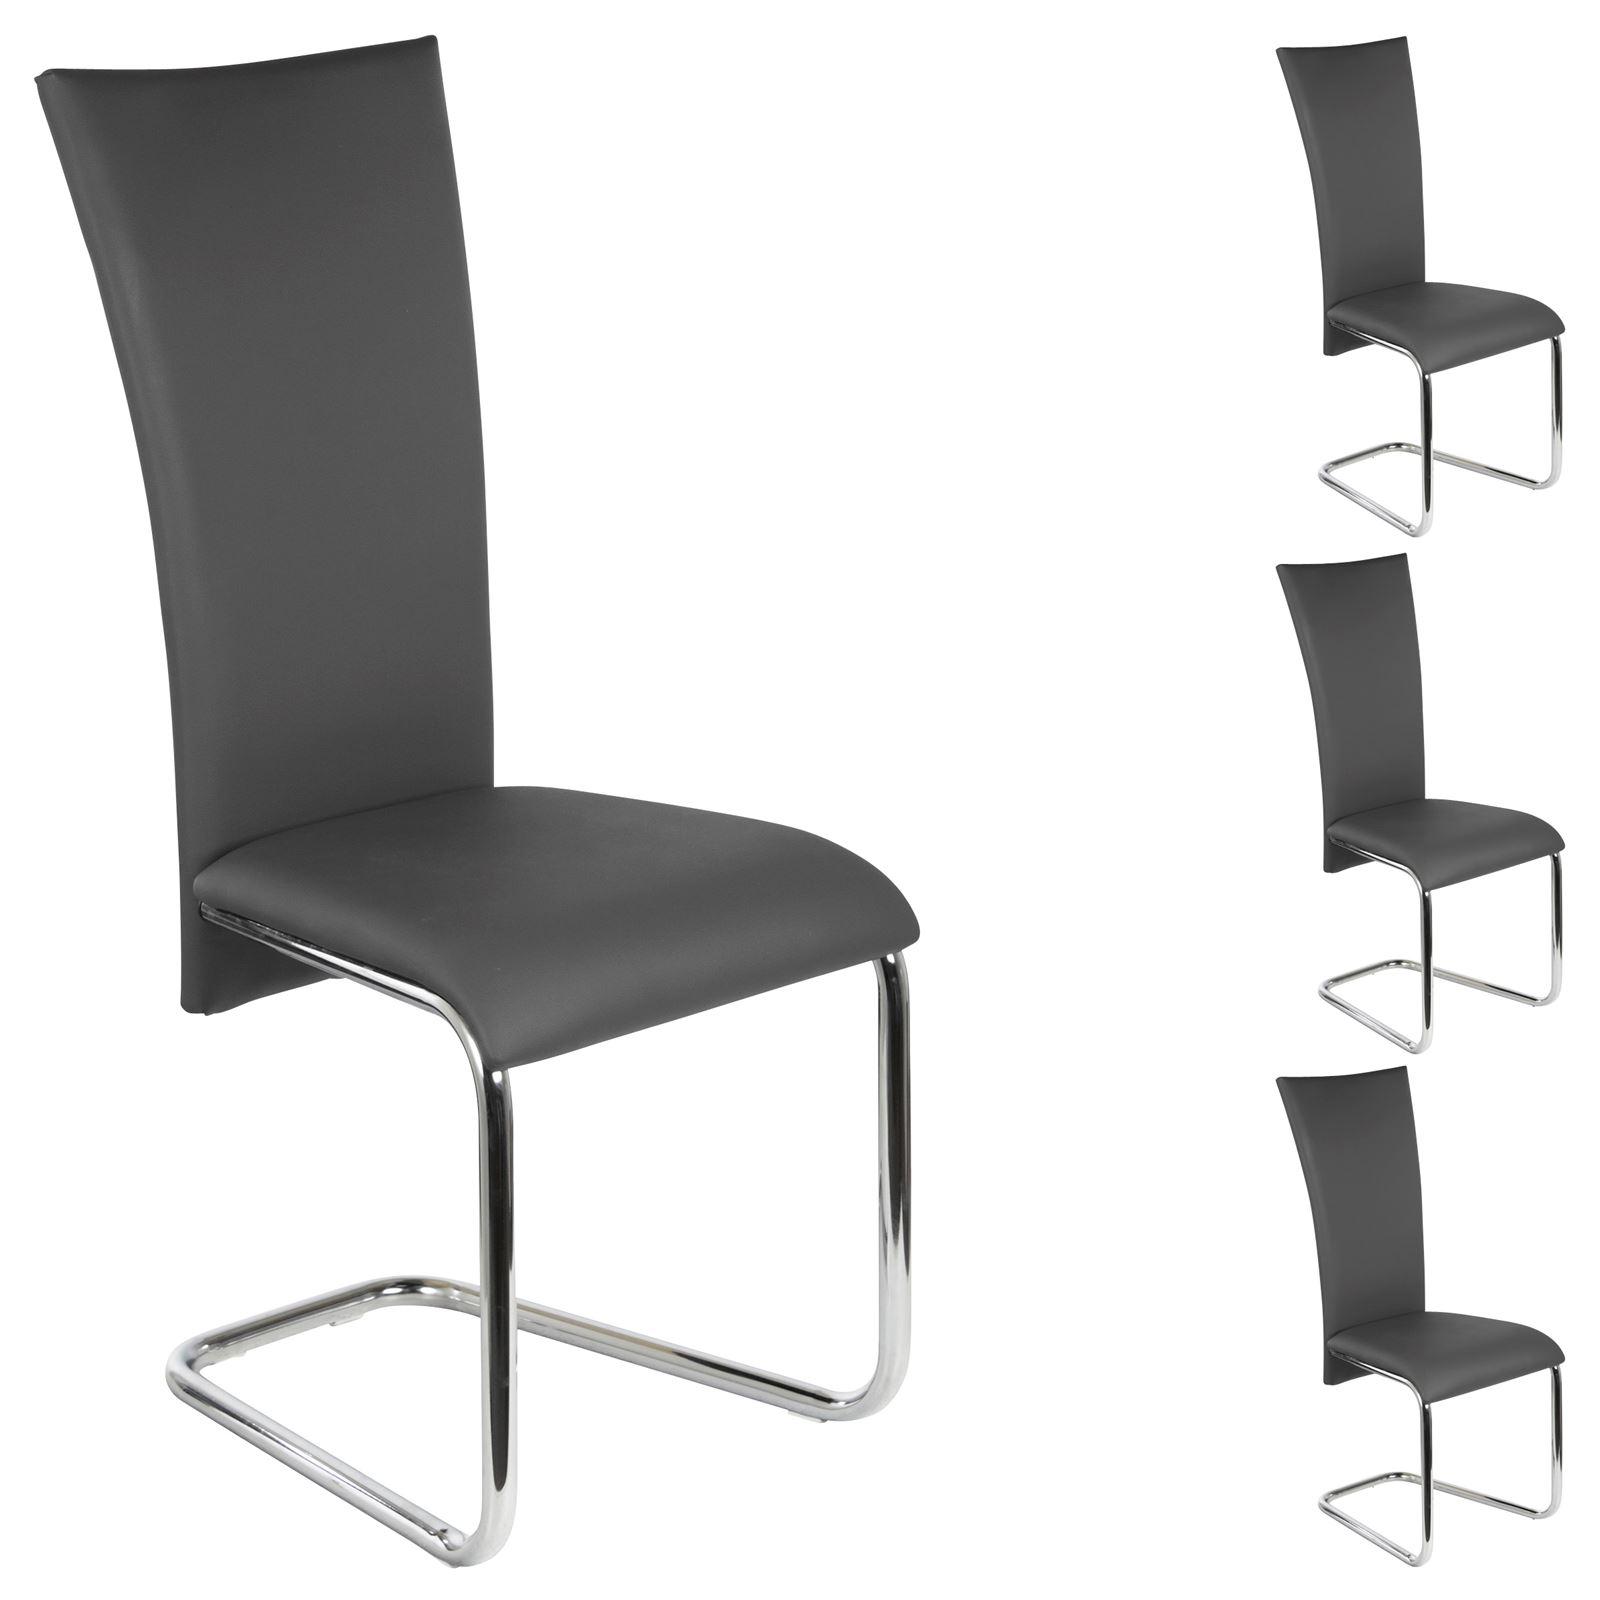 schwingstuhl esszimmerstuhl freischwinger 4er set. Black Bedroom Furniture Sets. Home Design Ideas